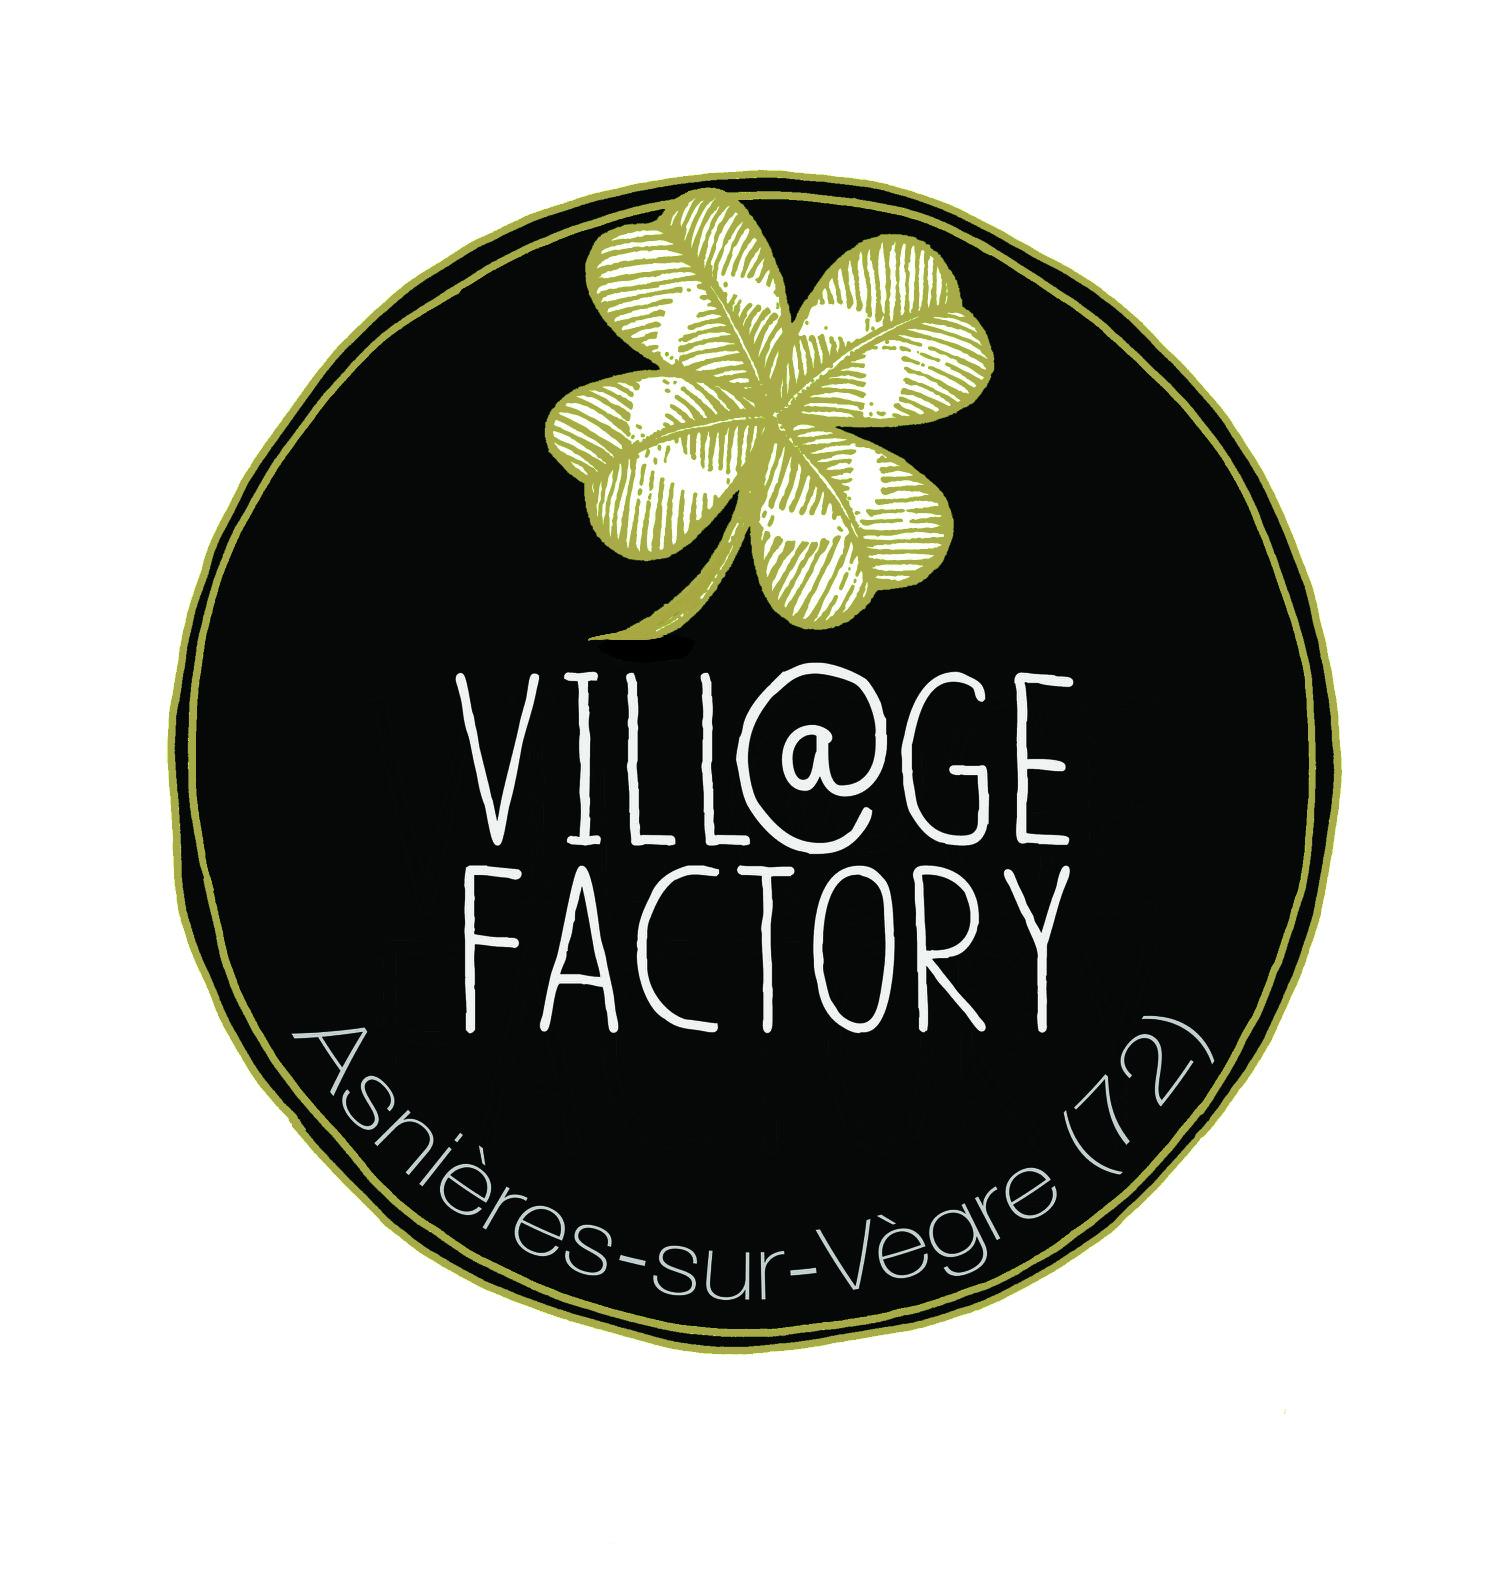 Asnières-sur-Vègre Village Factory